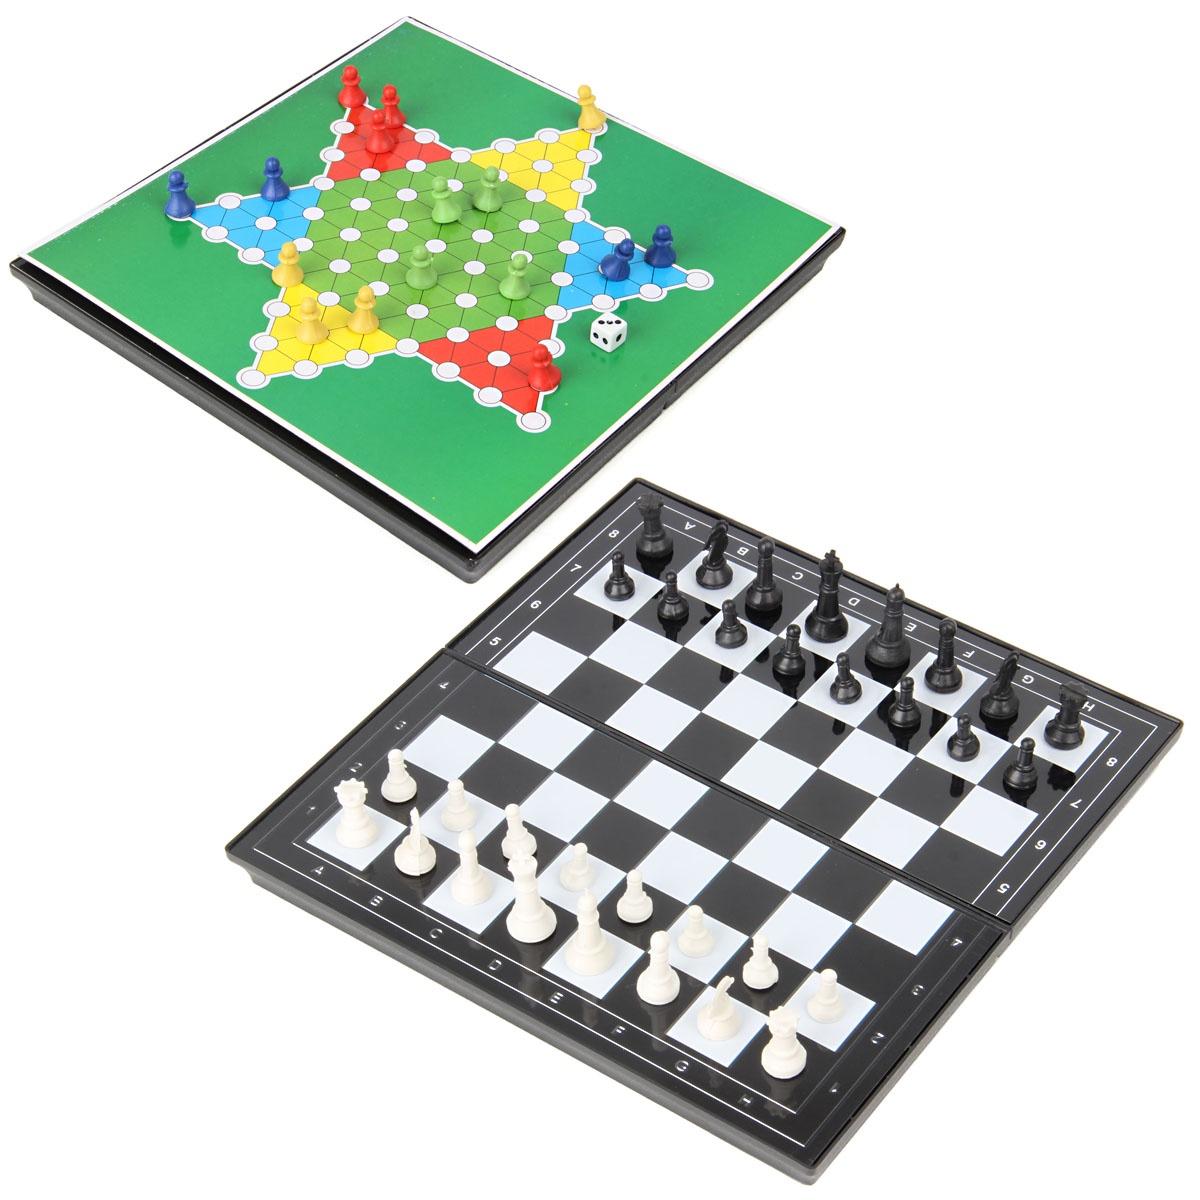 Настольные игры 2 в 1 настольные игры играем вместе магнитные шахматы 3 в 1 g049 h37005r